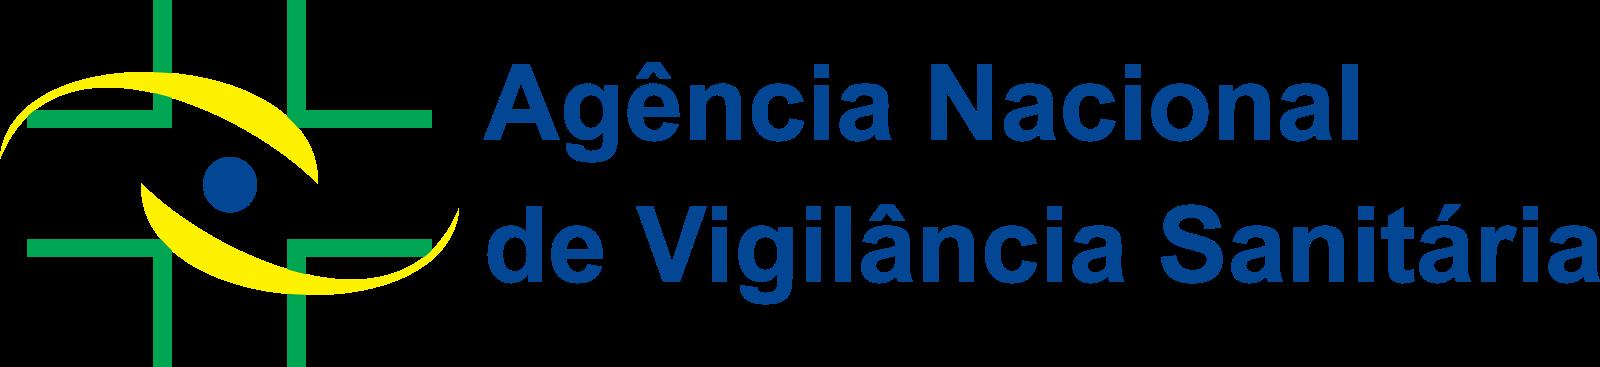 anvisa logo 2 - Anvisa Logo - Agência Nacional de Vigilância Sanitária Logo